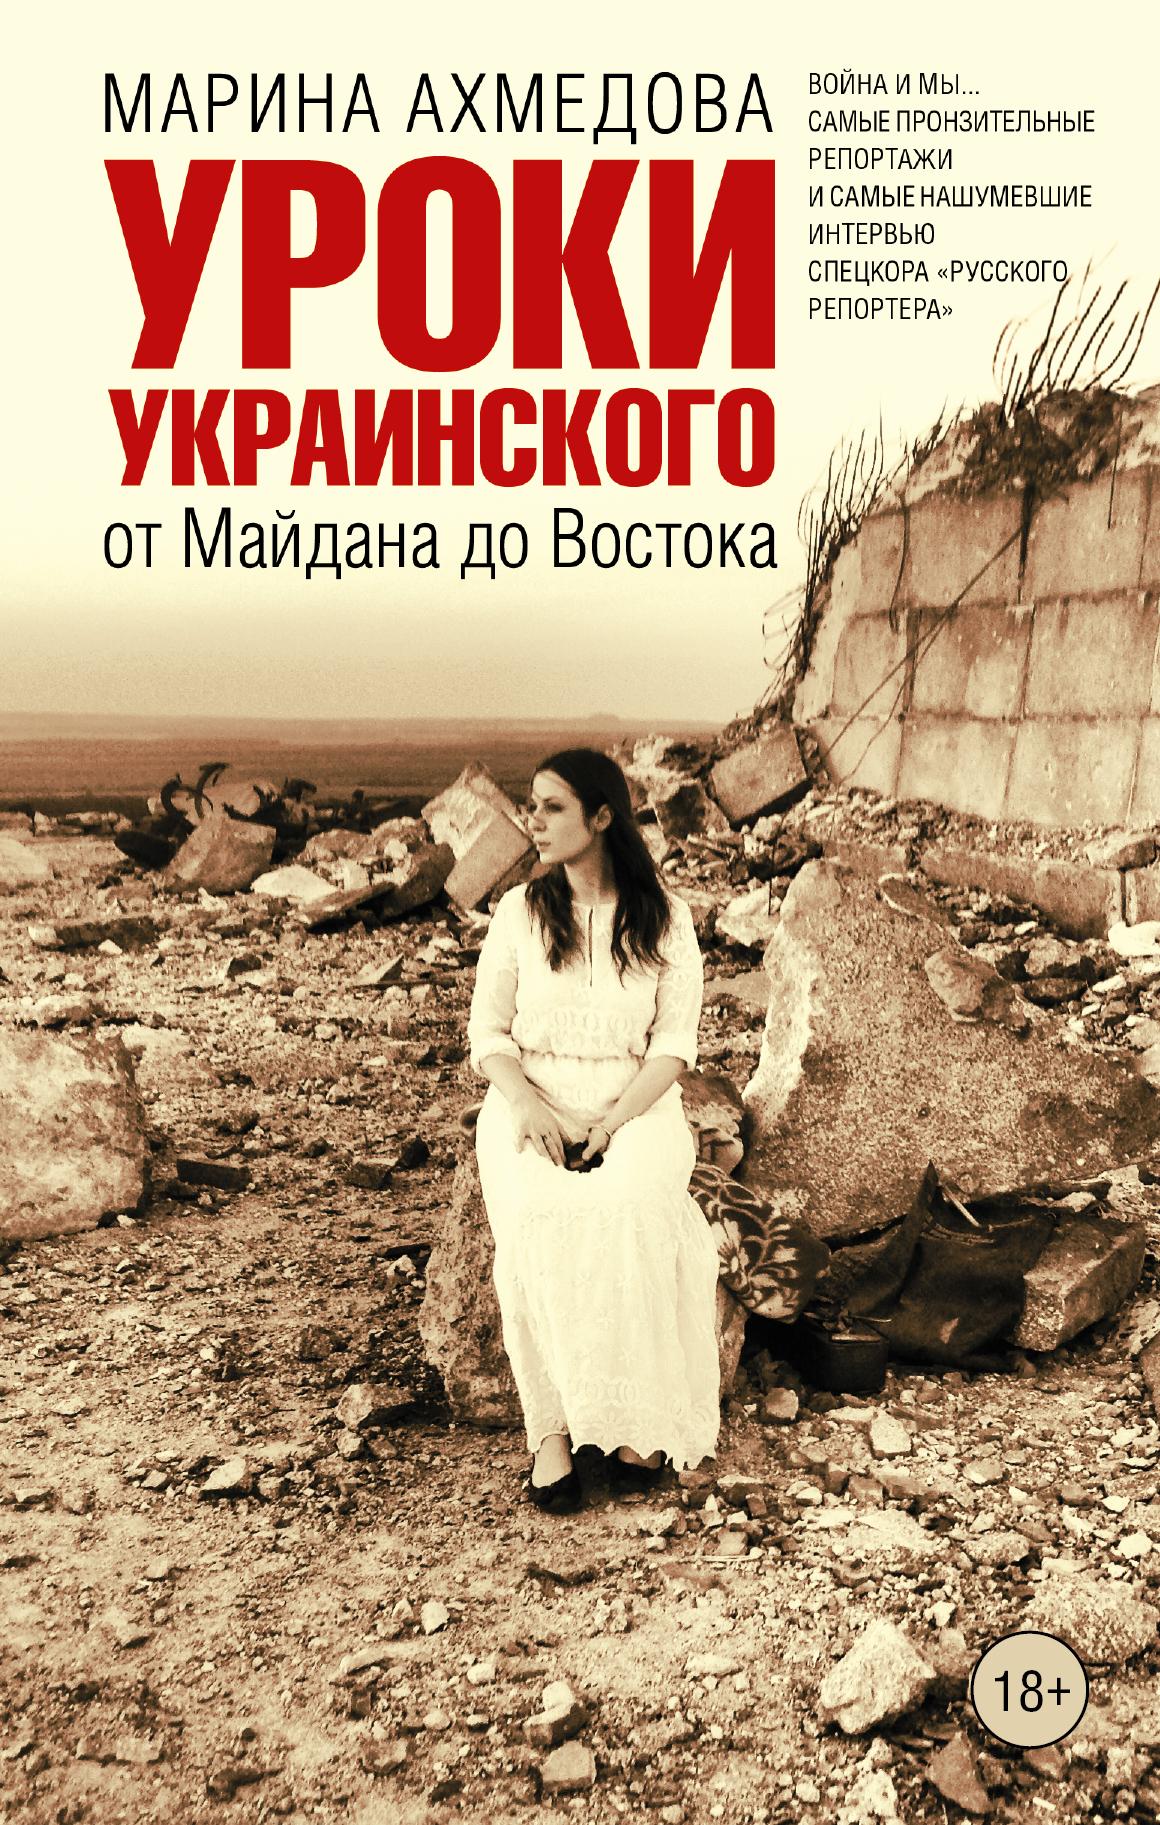 Ахмедова Марина Уроки украинского купить биоптрон в великом новгороде